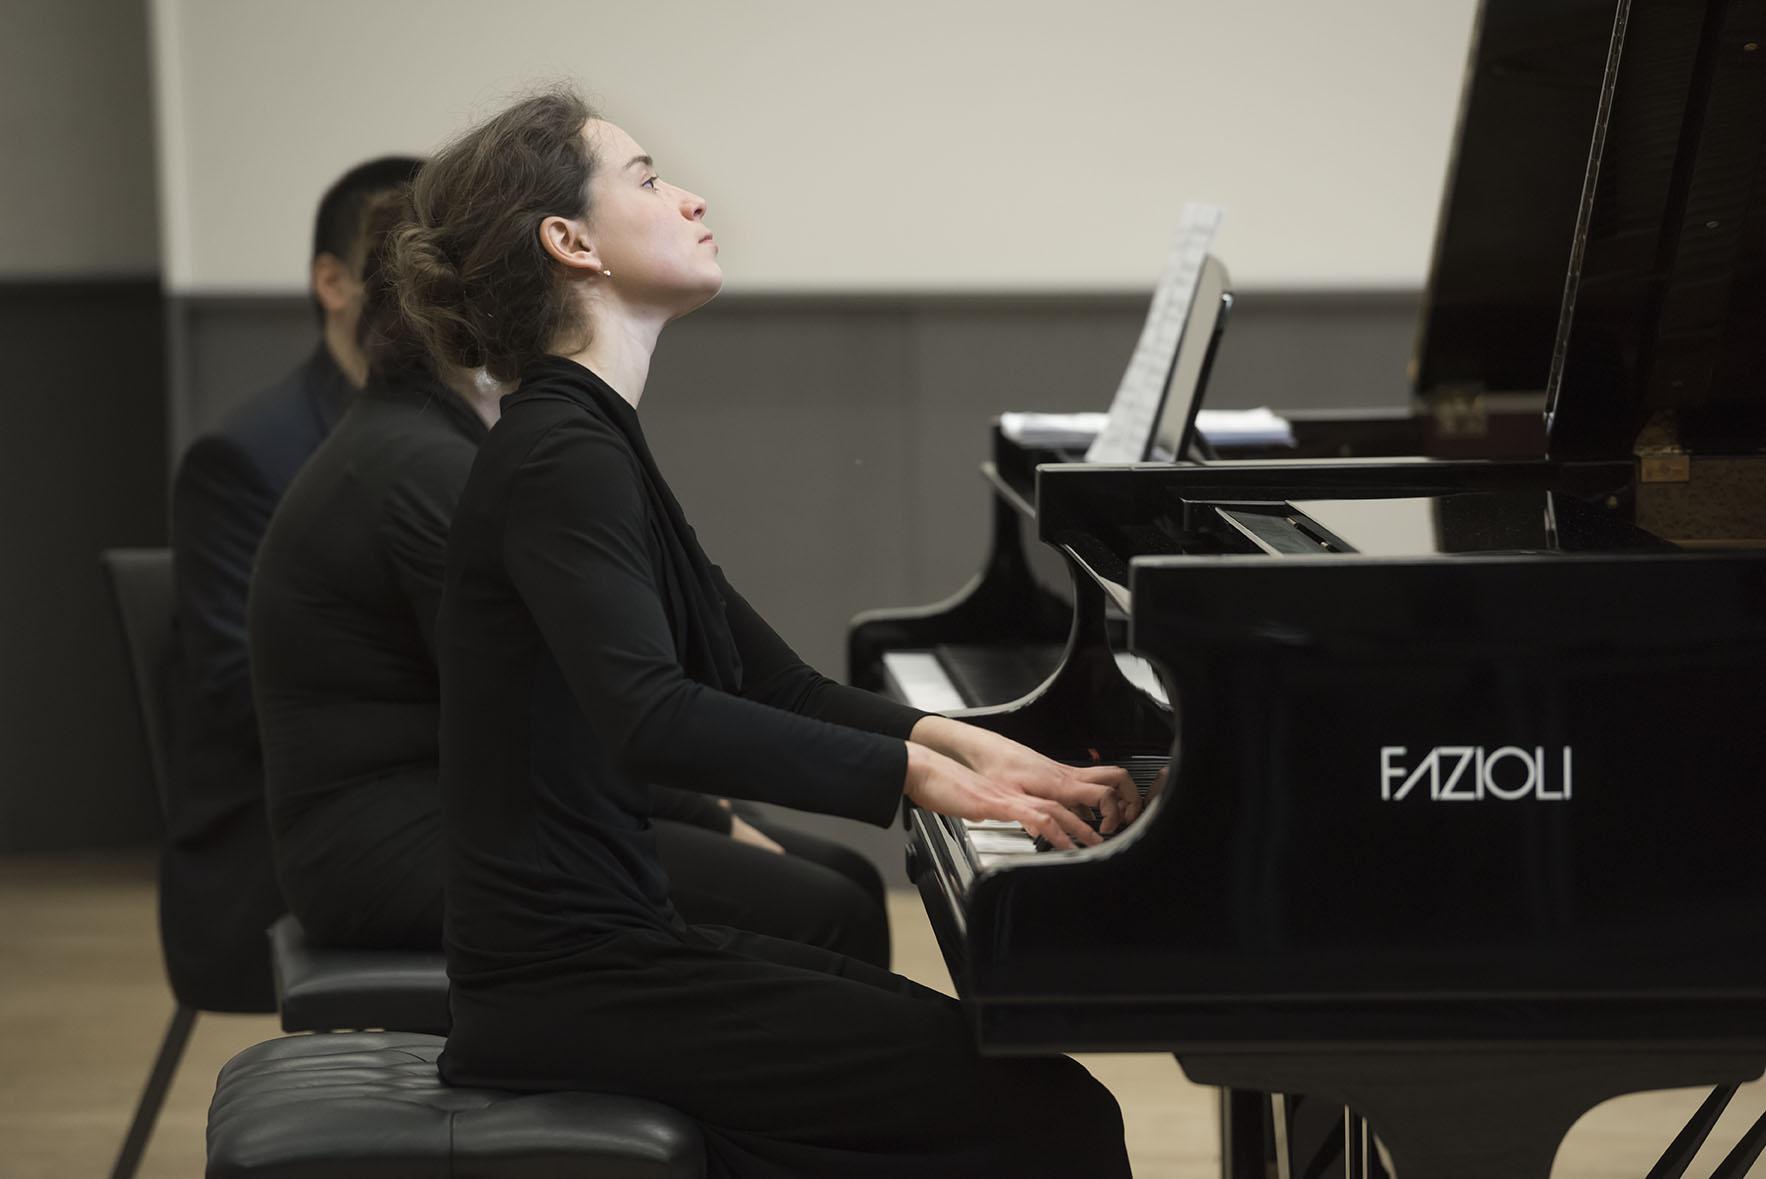 Rahn Musikpreis 2016 Finalrunde im ZKO Haus, Alexandra Sikorskaya erspielt sich den dritten Preis